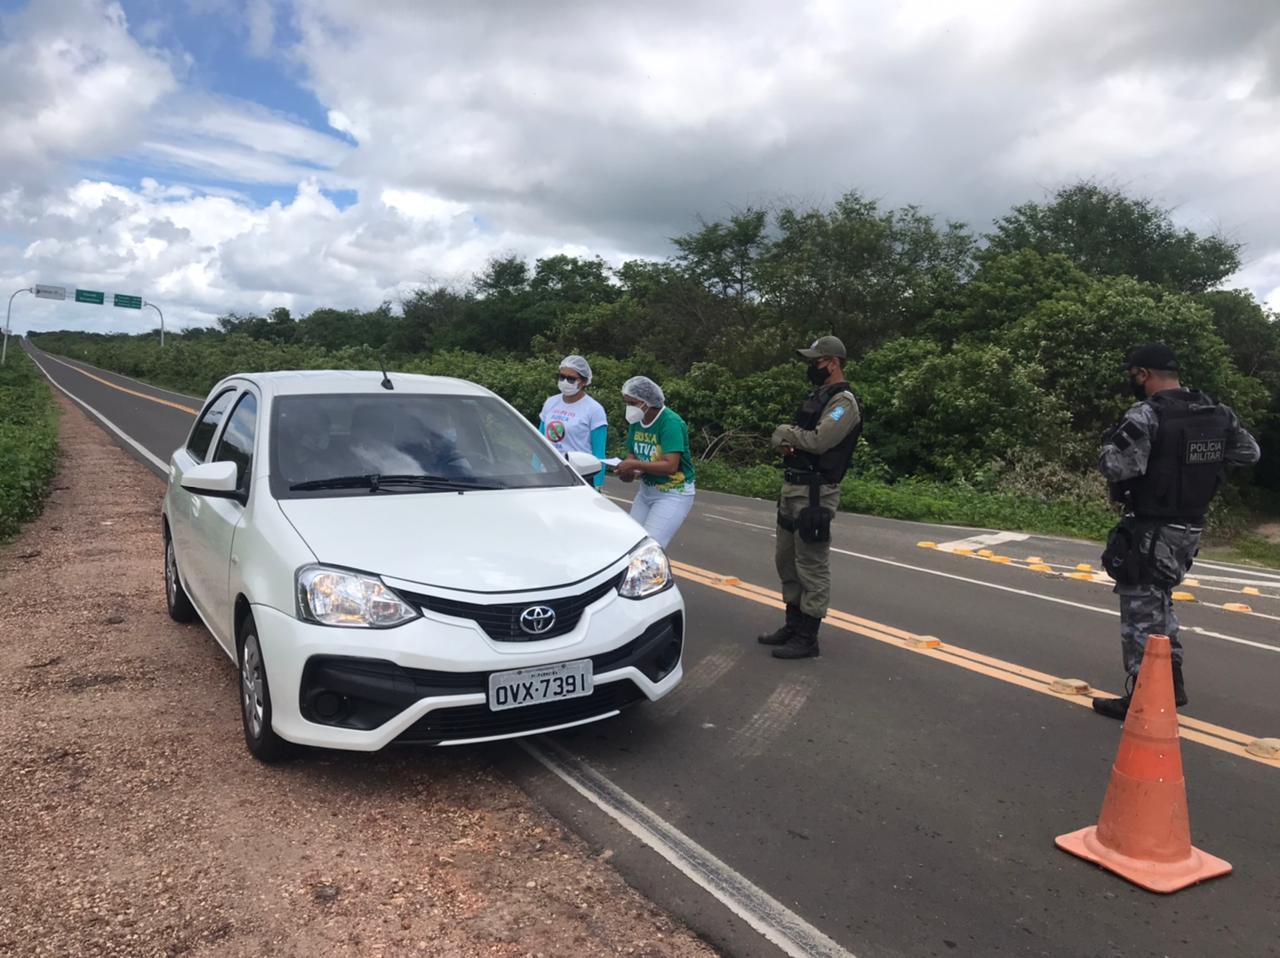 Busca ativa em cidades do litoral do Piauí (Foto: Divulgação)